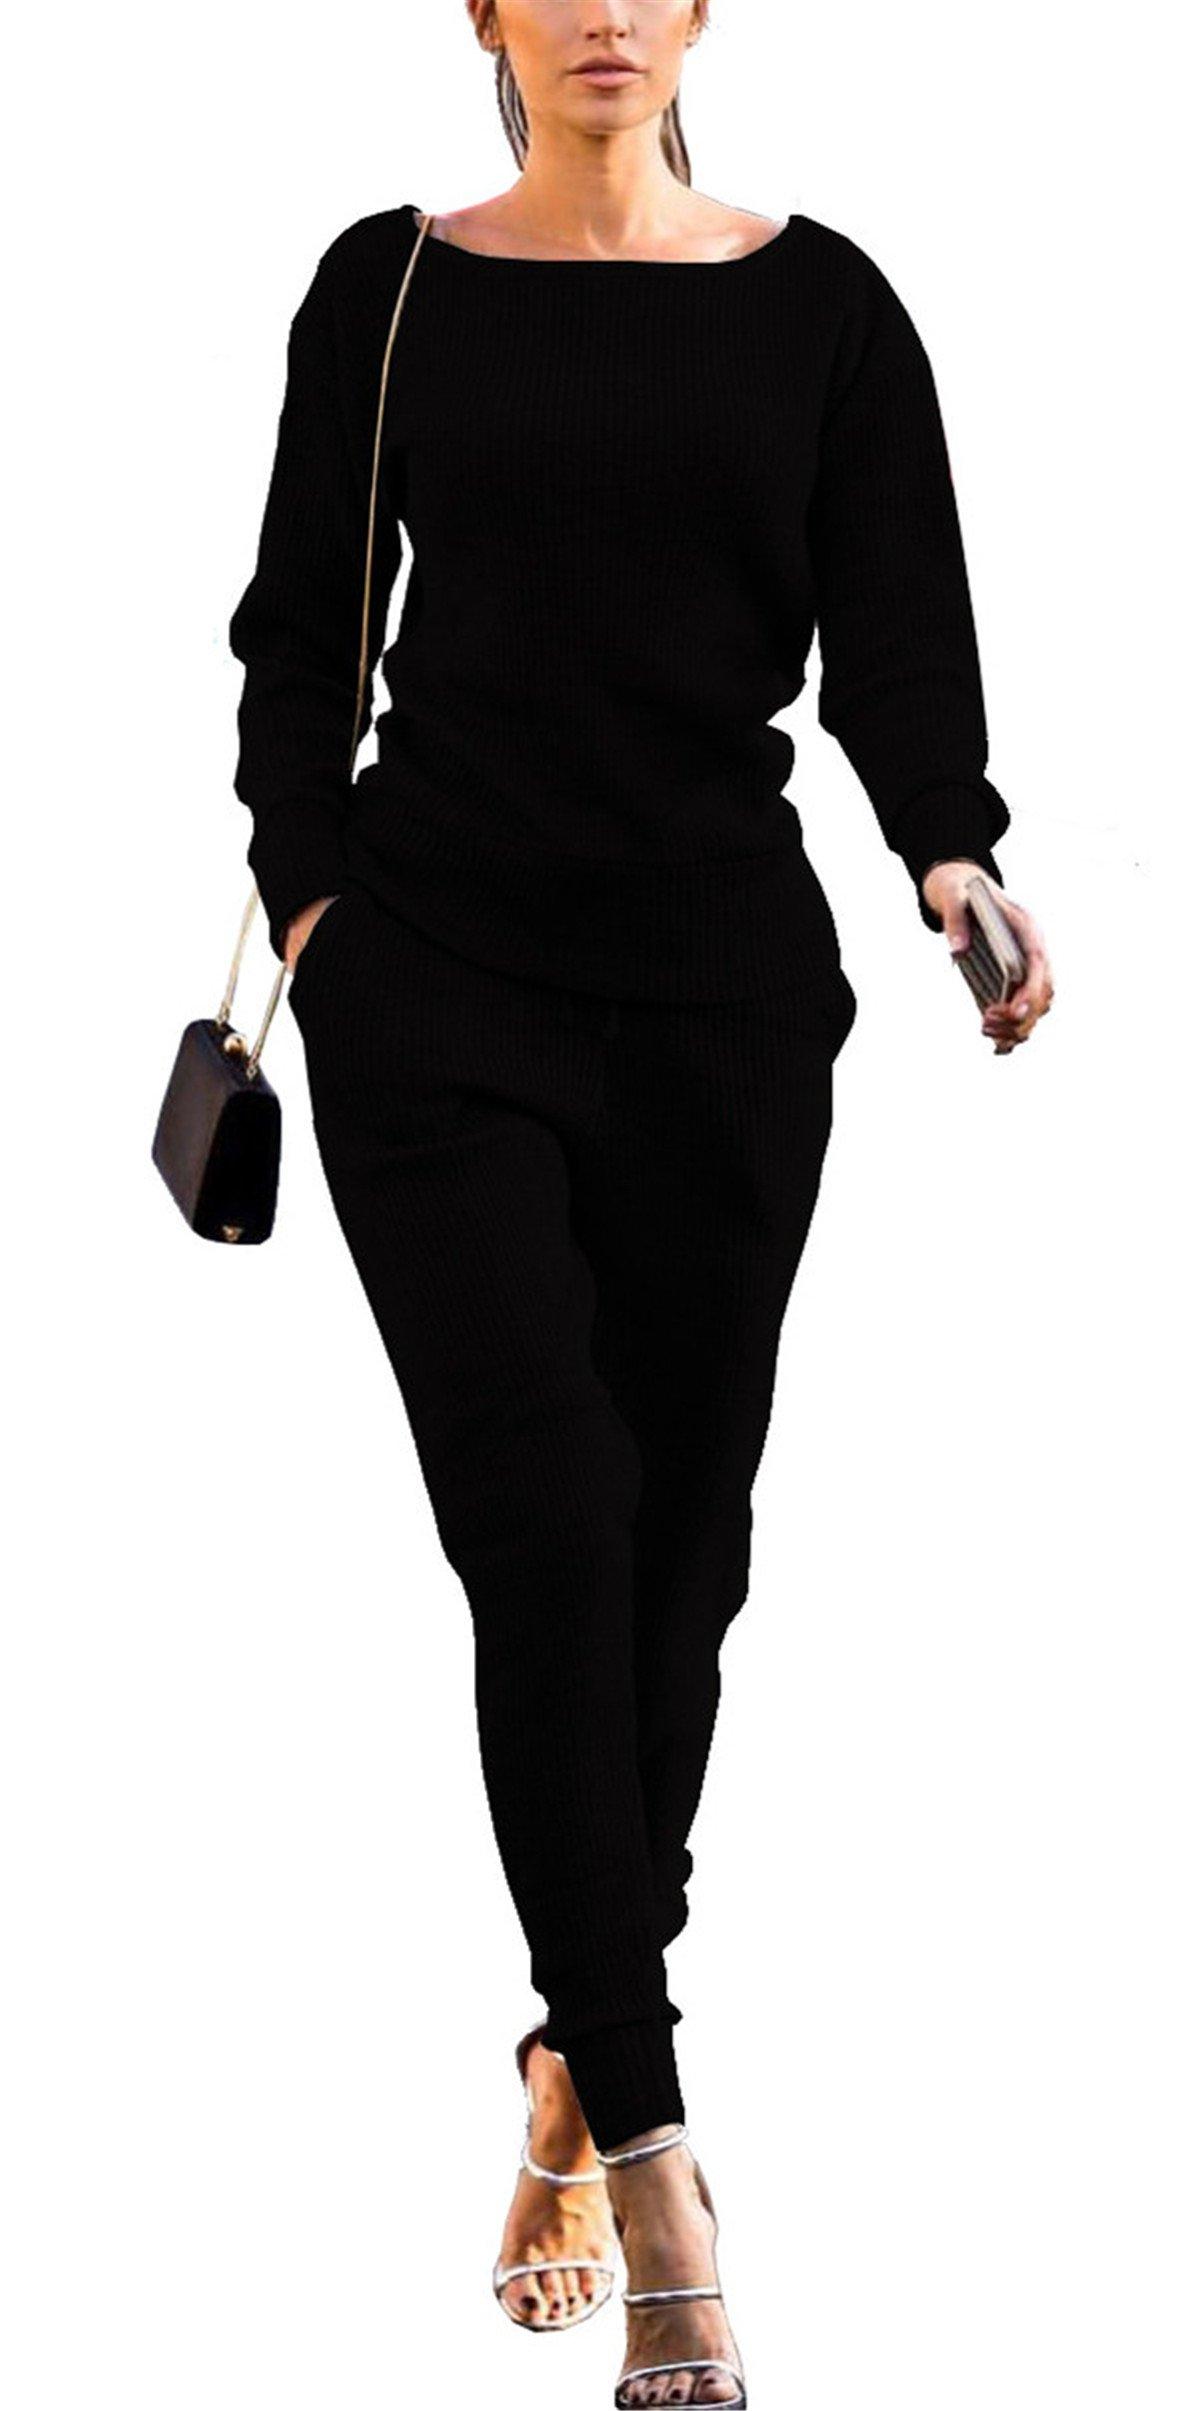 Women's Autumn Long Sleeve Slim Fit Two Pieces Outfit Set Solid Top Shirt + Pant Set Jumpsuit Dress Sports Suit Black L